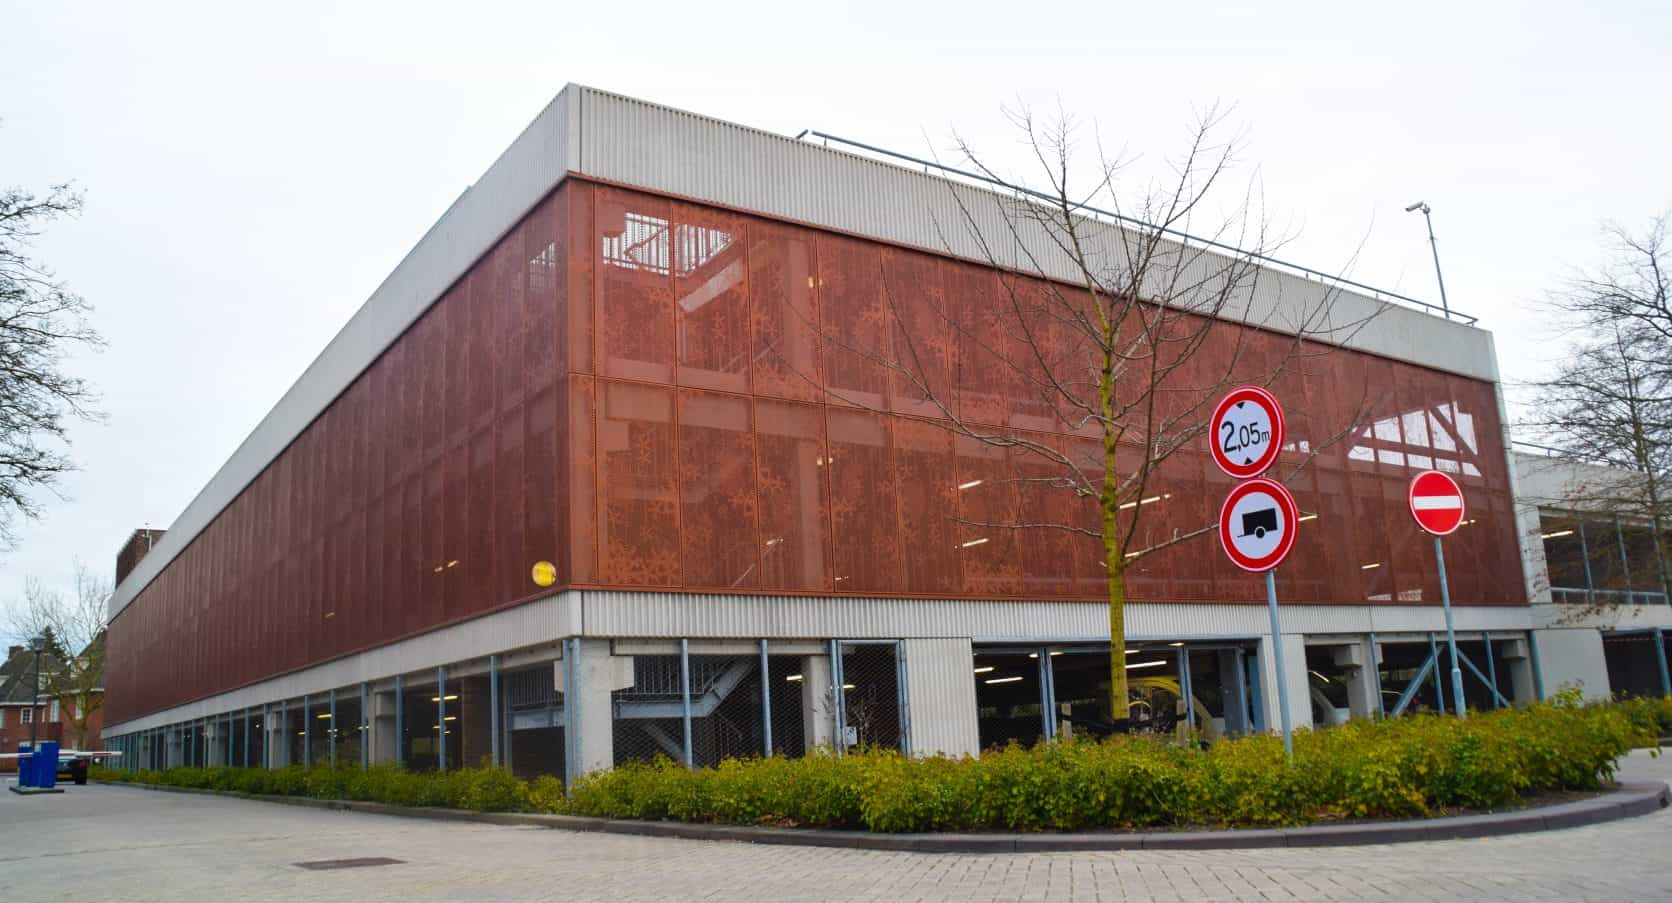 Parkeergarage Diakonessenhuis Utrecht uitgerust met geperforeerd staal als gevelbekleding